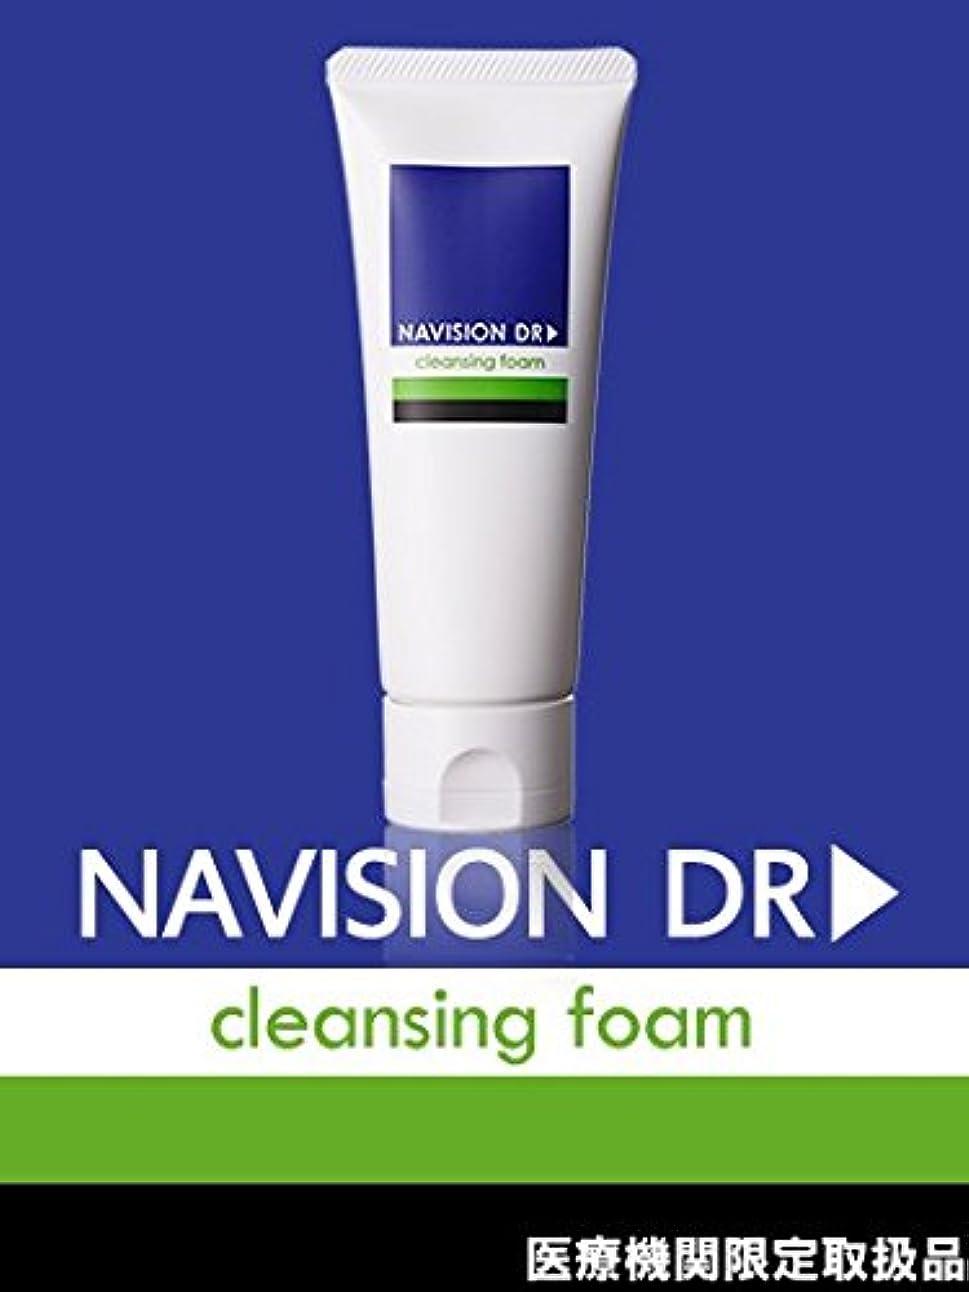 公効果的好むNAVISION DR? ナビジョンDR クレンジングフォーム 120g 【医療機関限定取扱品】